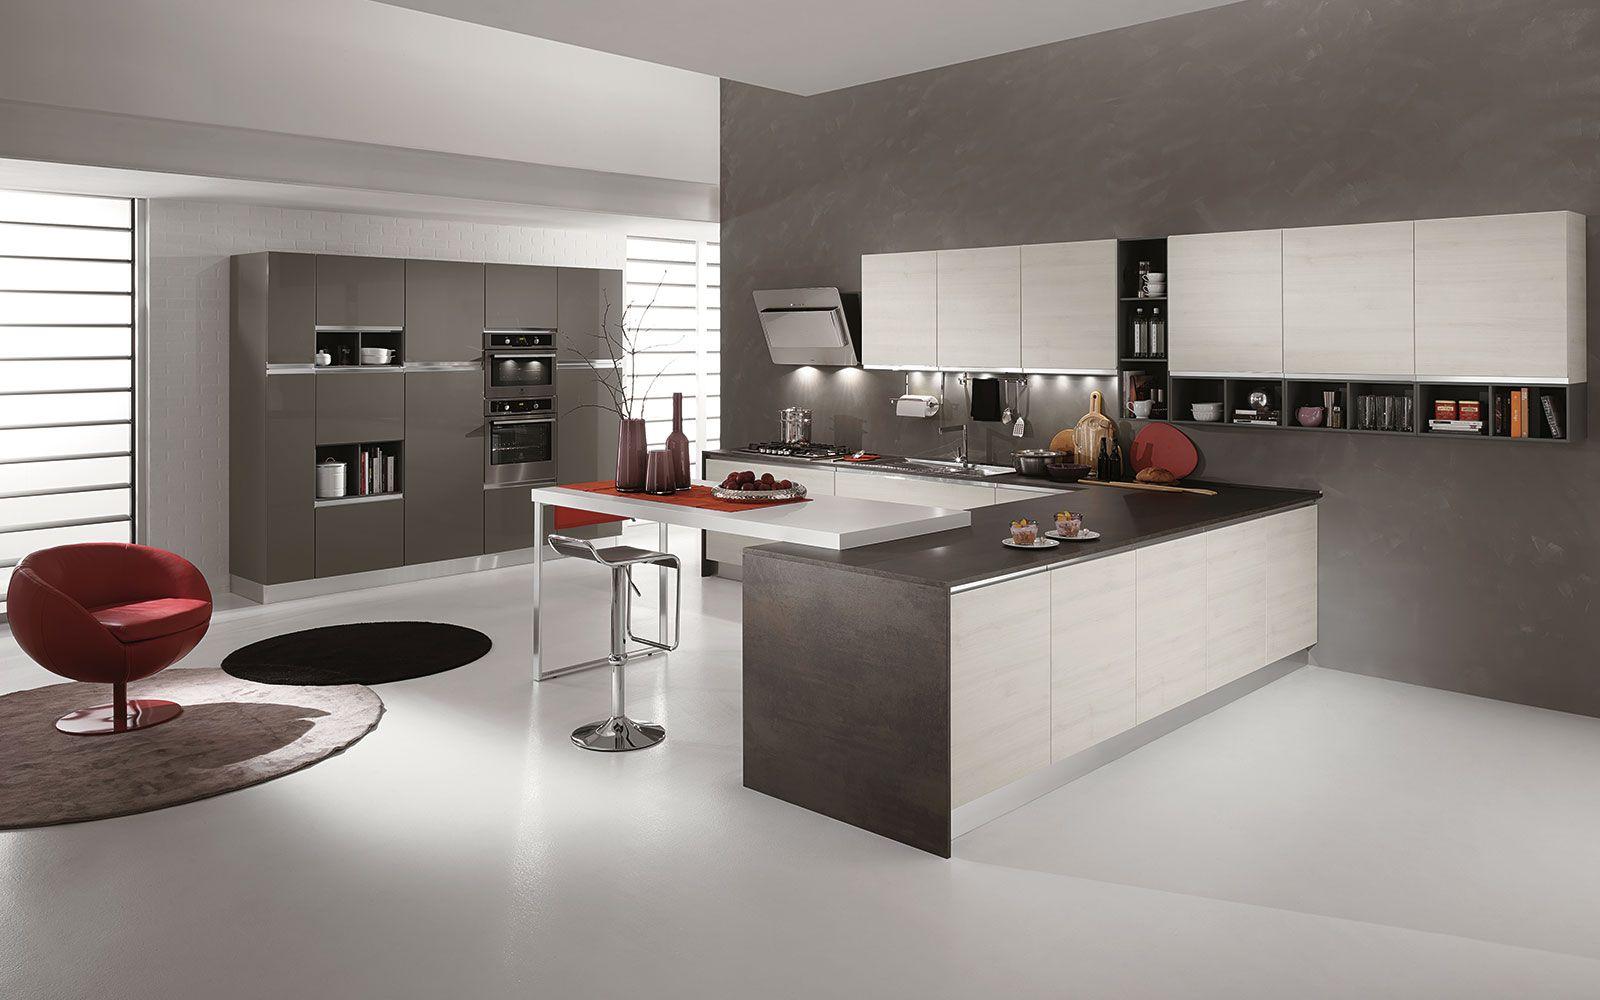 Mobilturi New Meg Cucine Idee Per La Cucina E Cucina Moderna